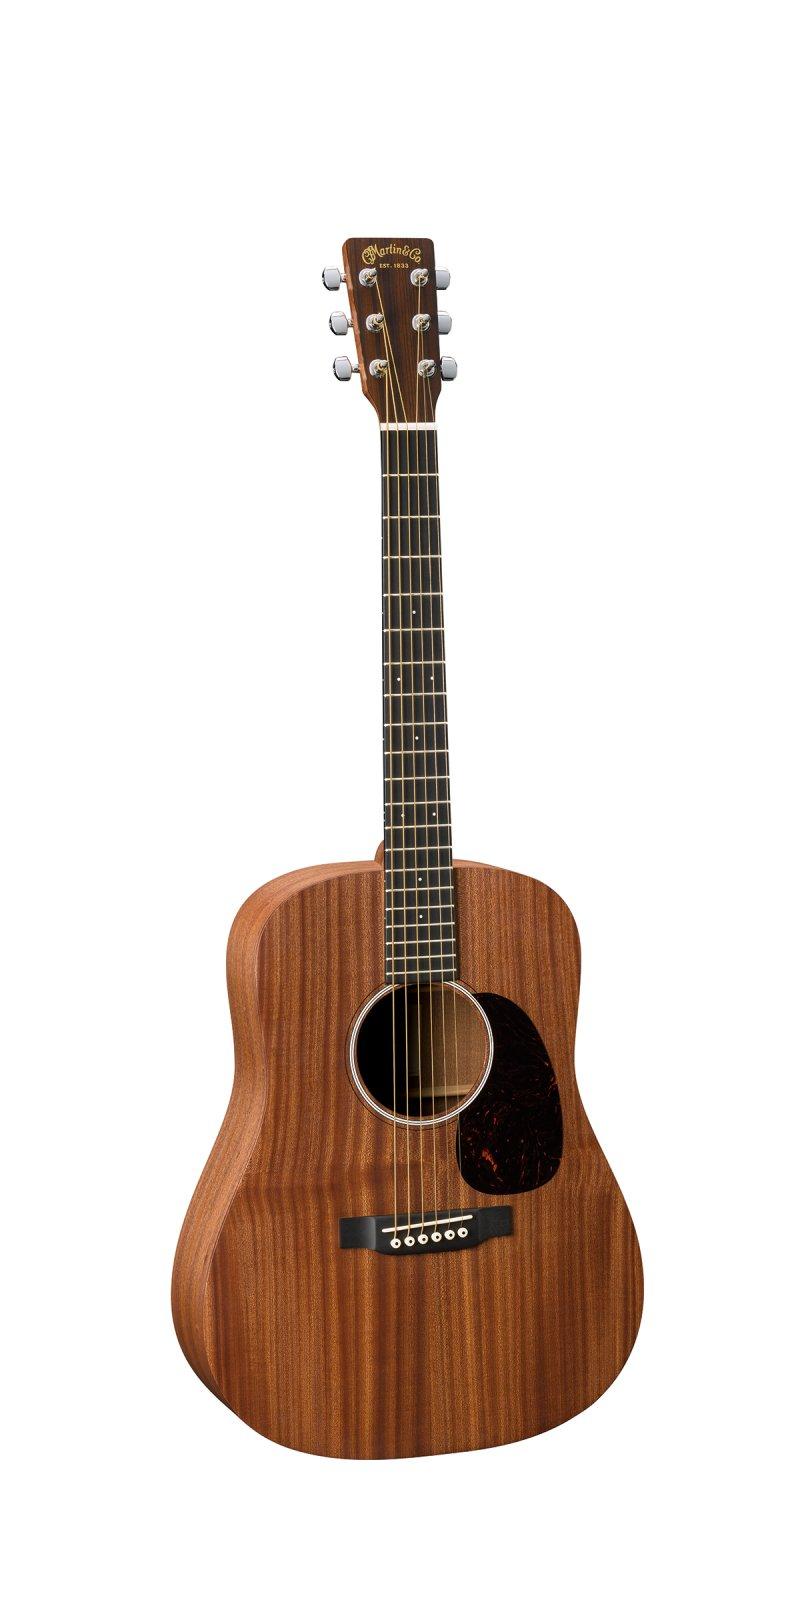 Martin DJr-10E-01 Sapele Acoustic/Electric Guitar with Gigbag